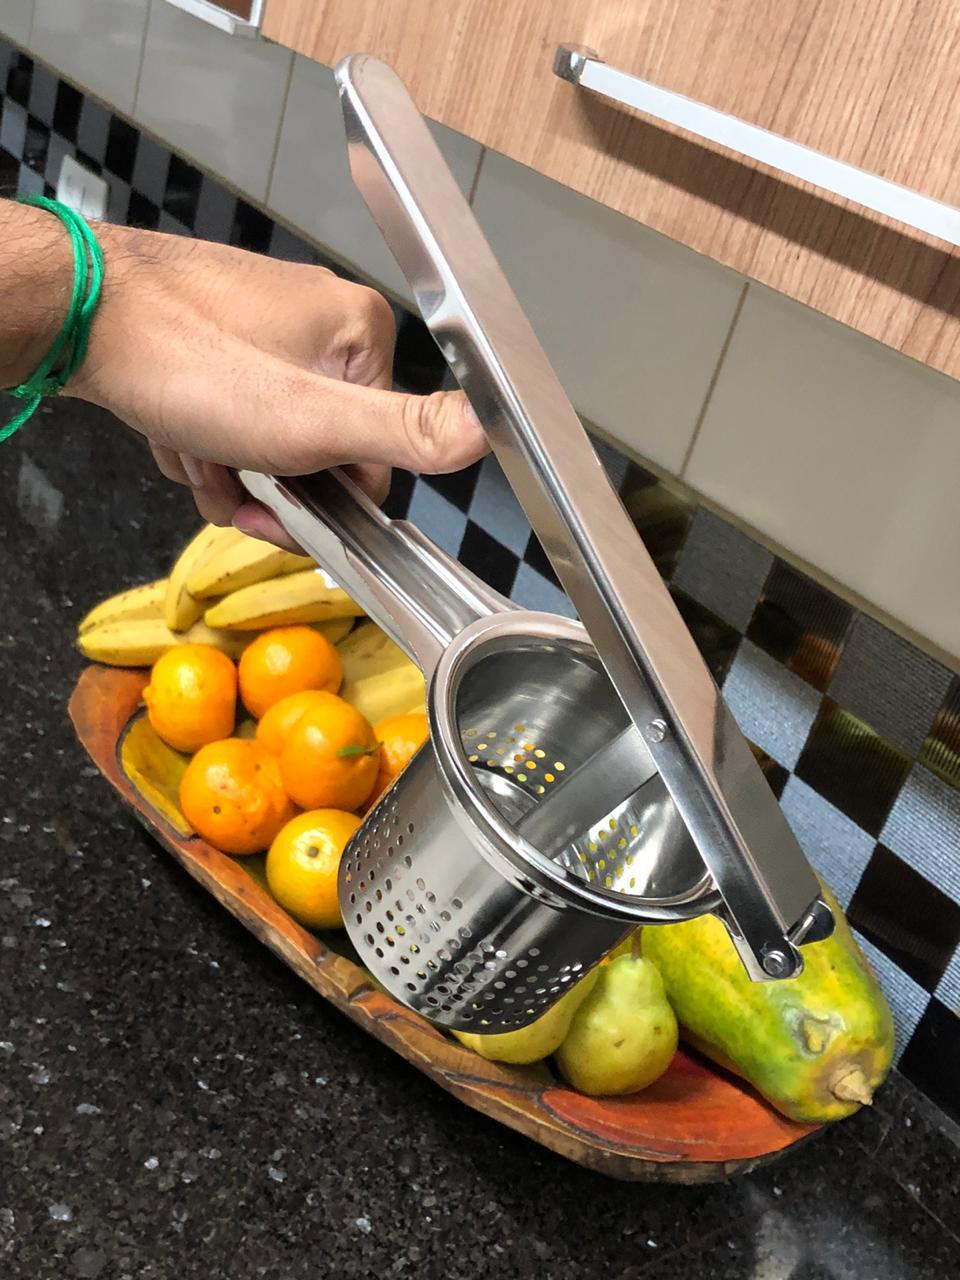 Espremedor de batatas inox alicate com tambor removível qualidade 26 cm amassador de batata